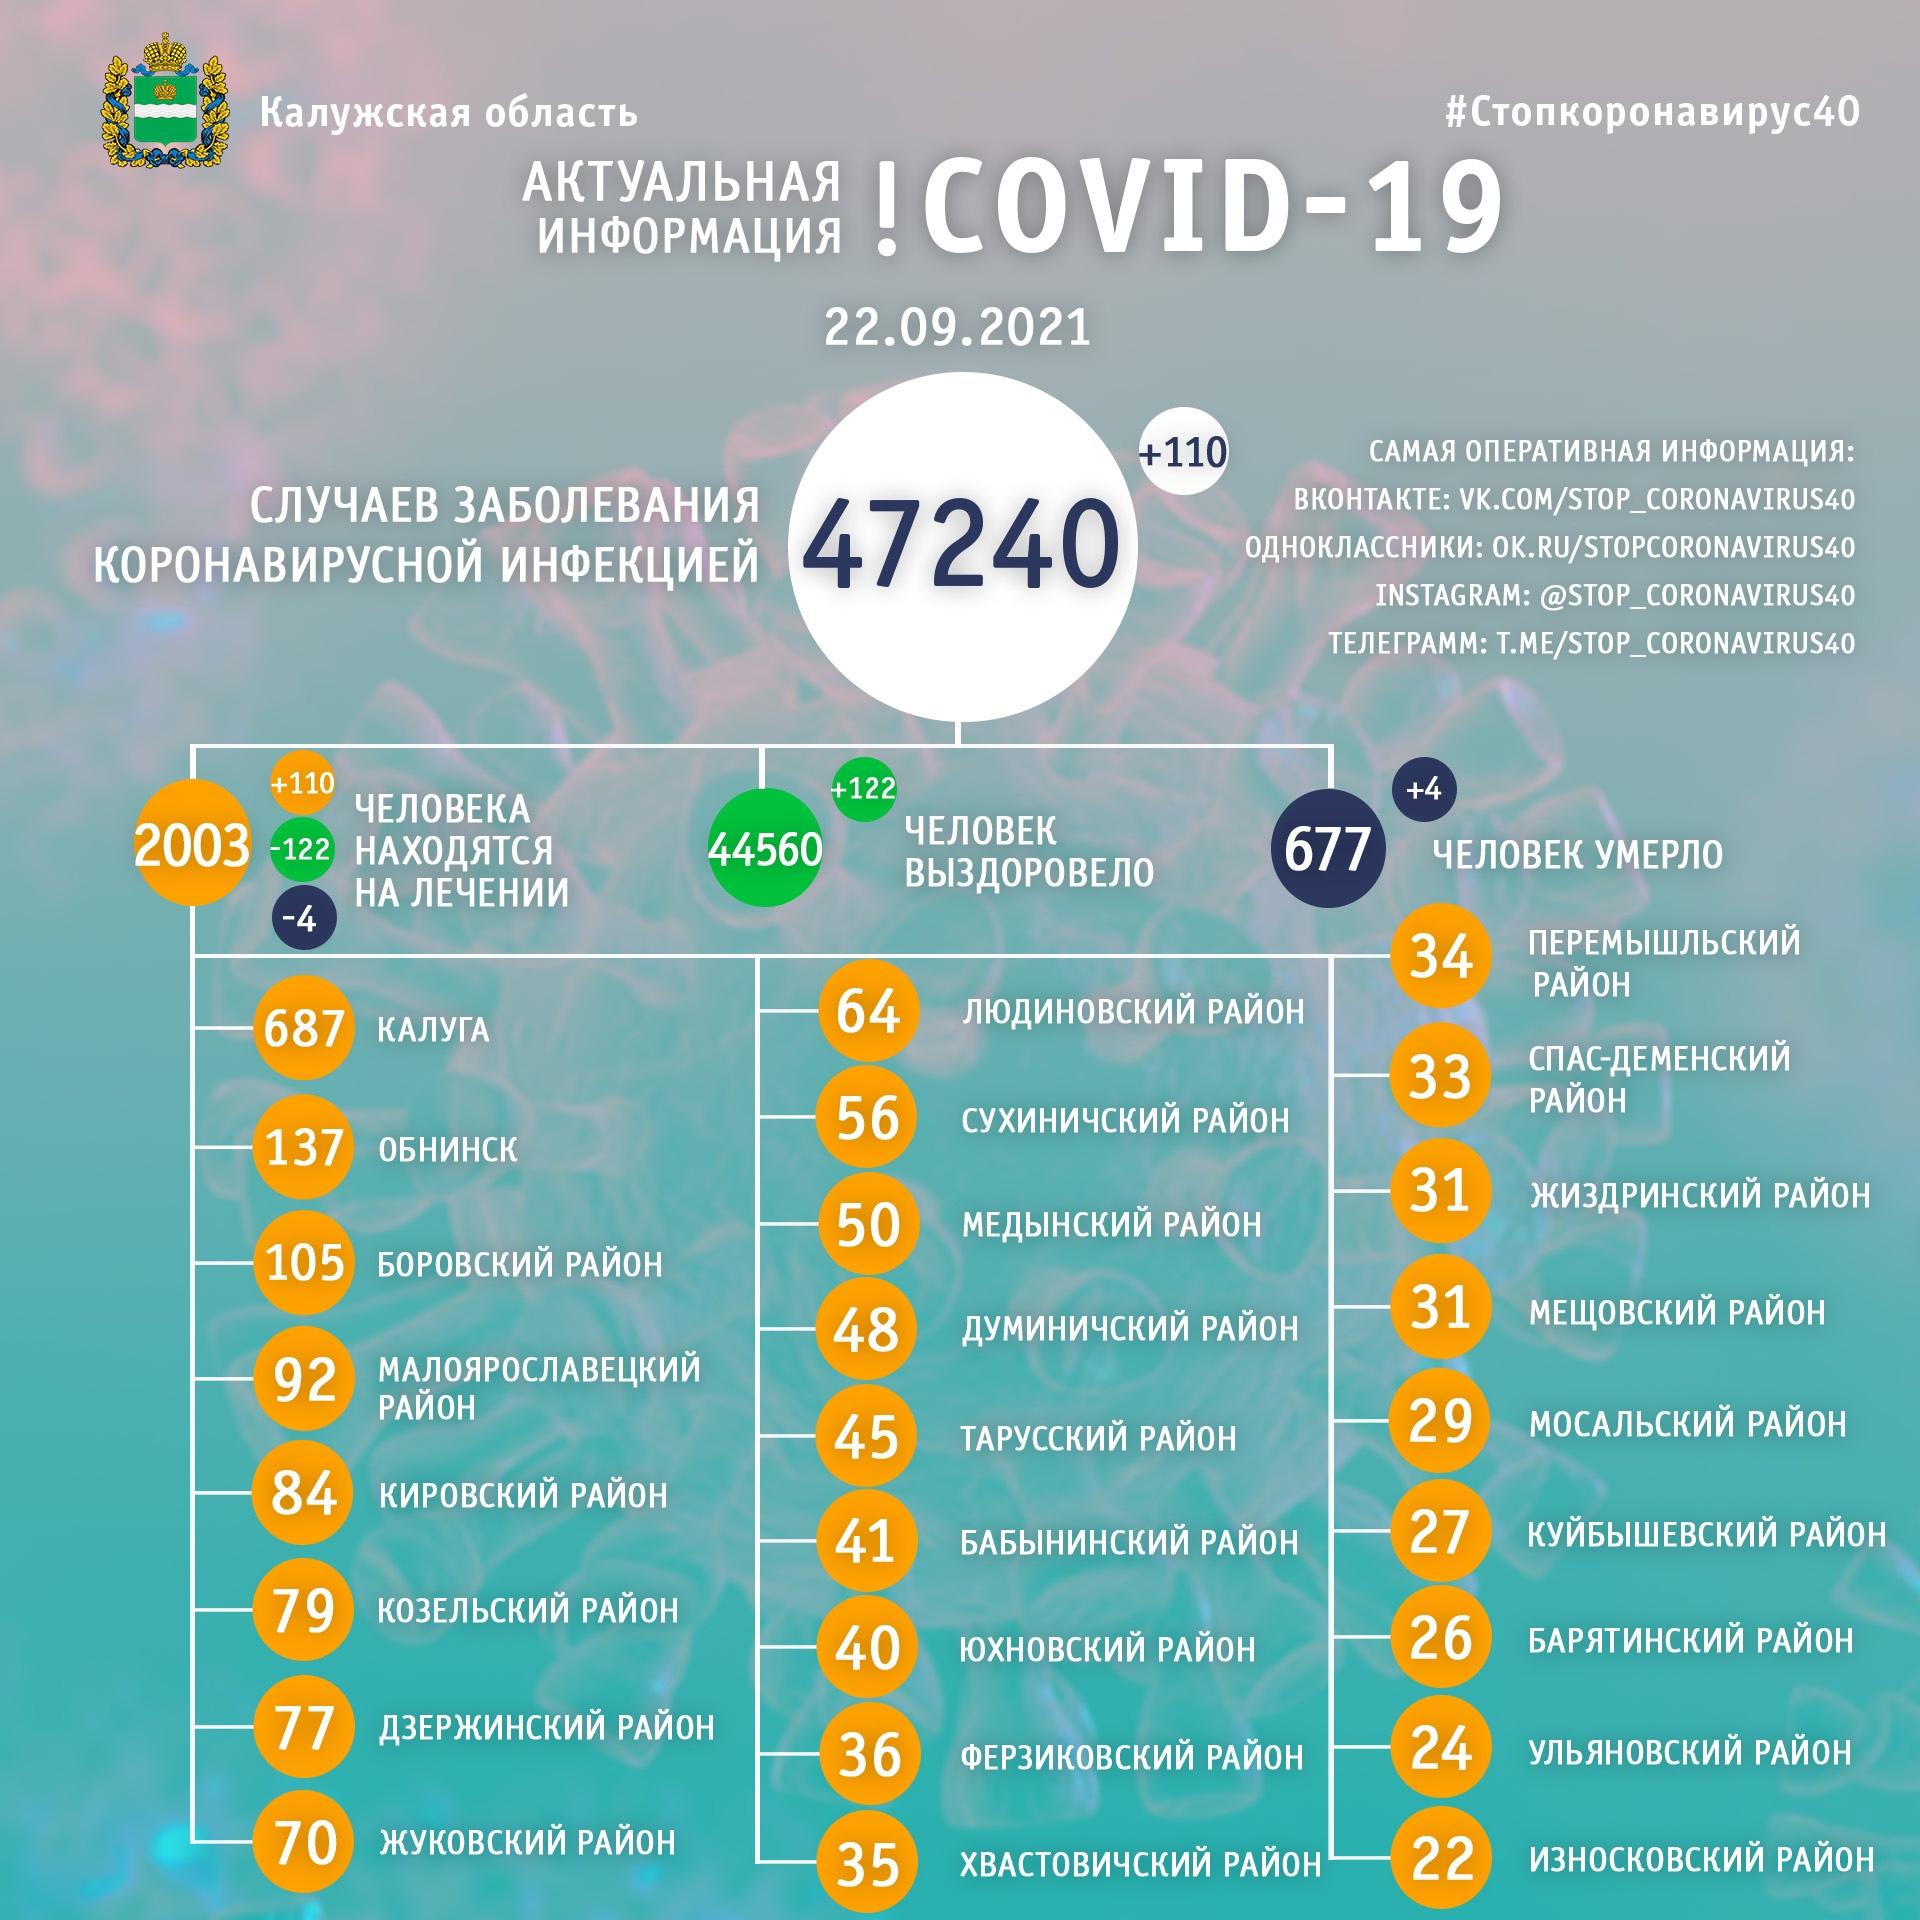 Официальная статистика по коронавирусу в Калужской области на 22 сентября 2021 года.